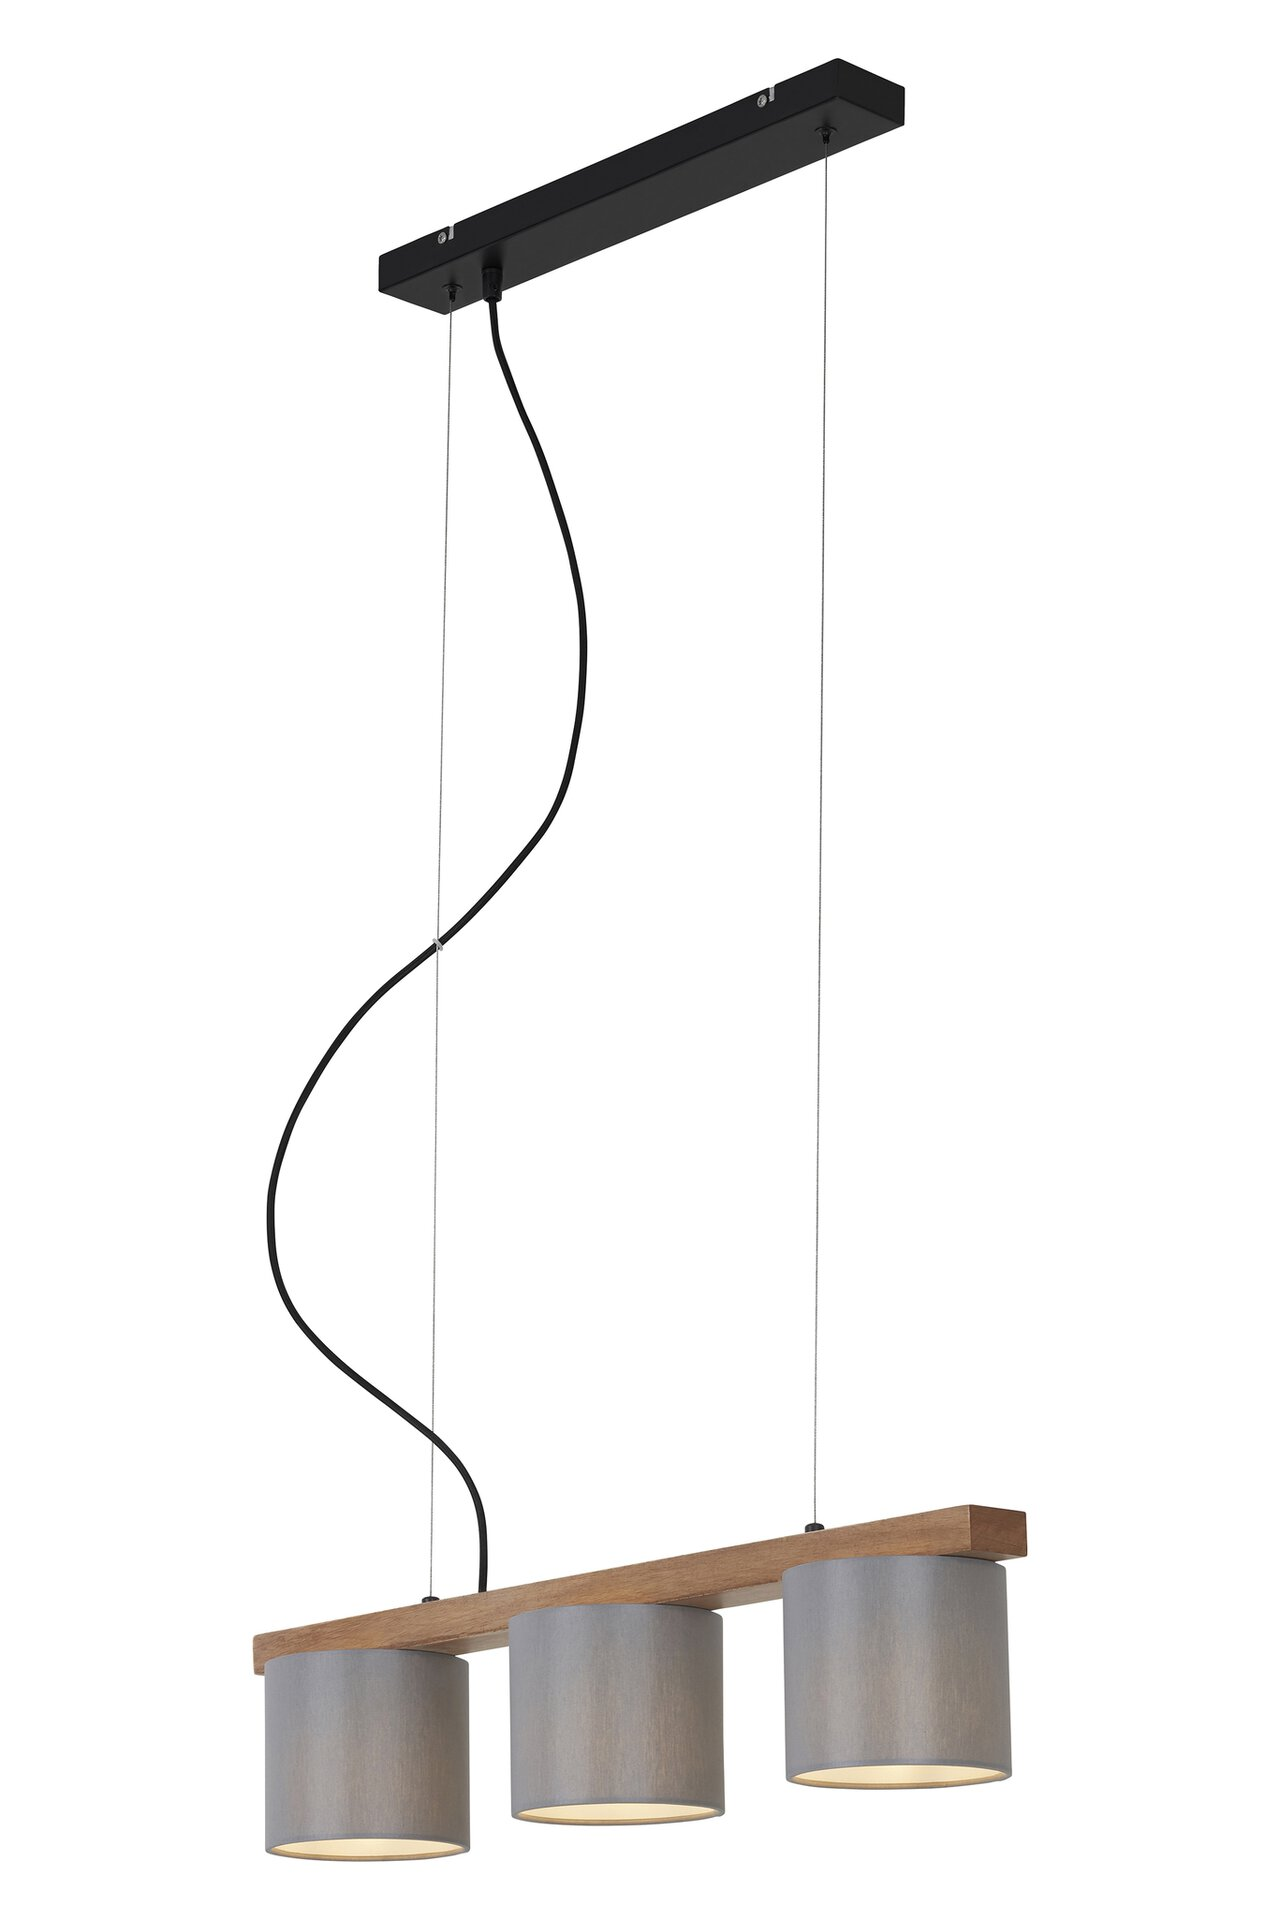 Hängeleuchte WOOD & STYLE Briloner Metall braun 15 x 136 x 65 cm